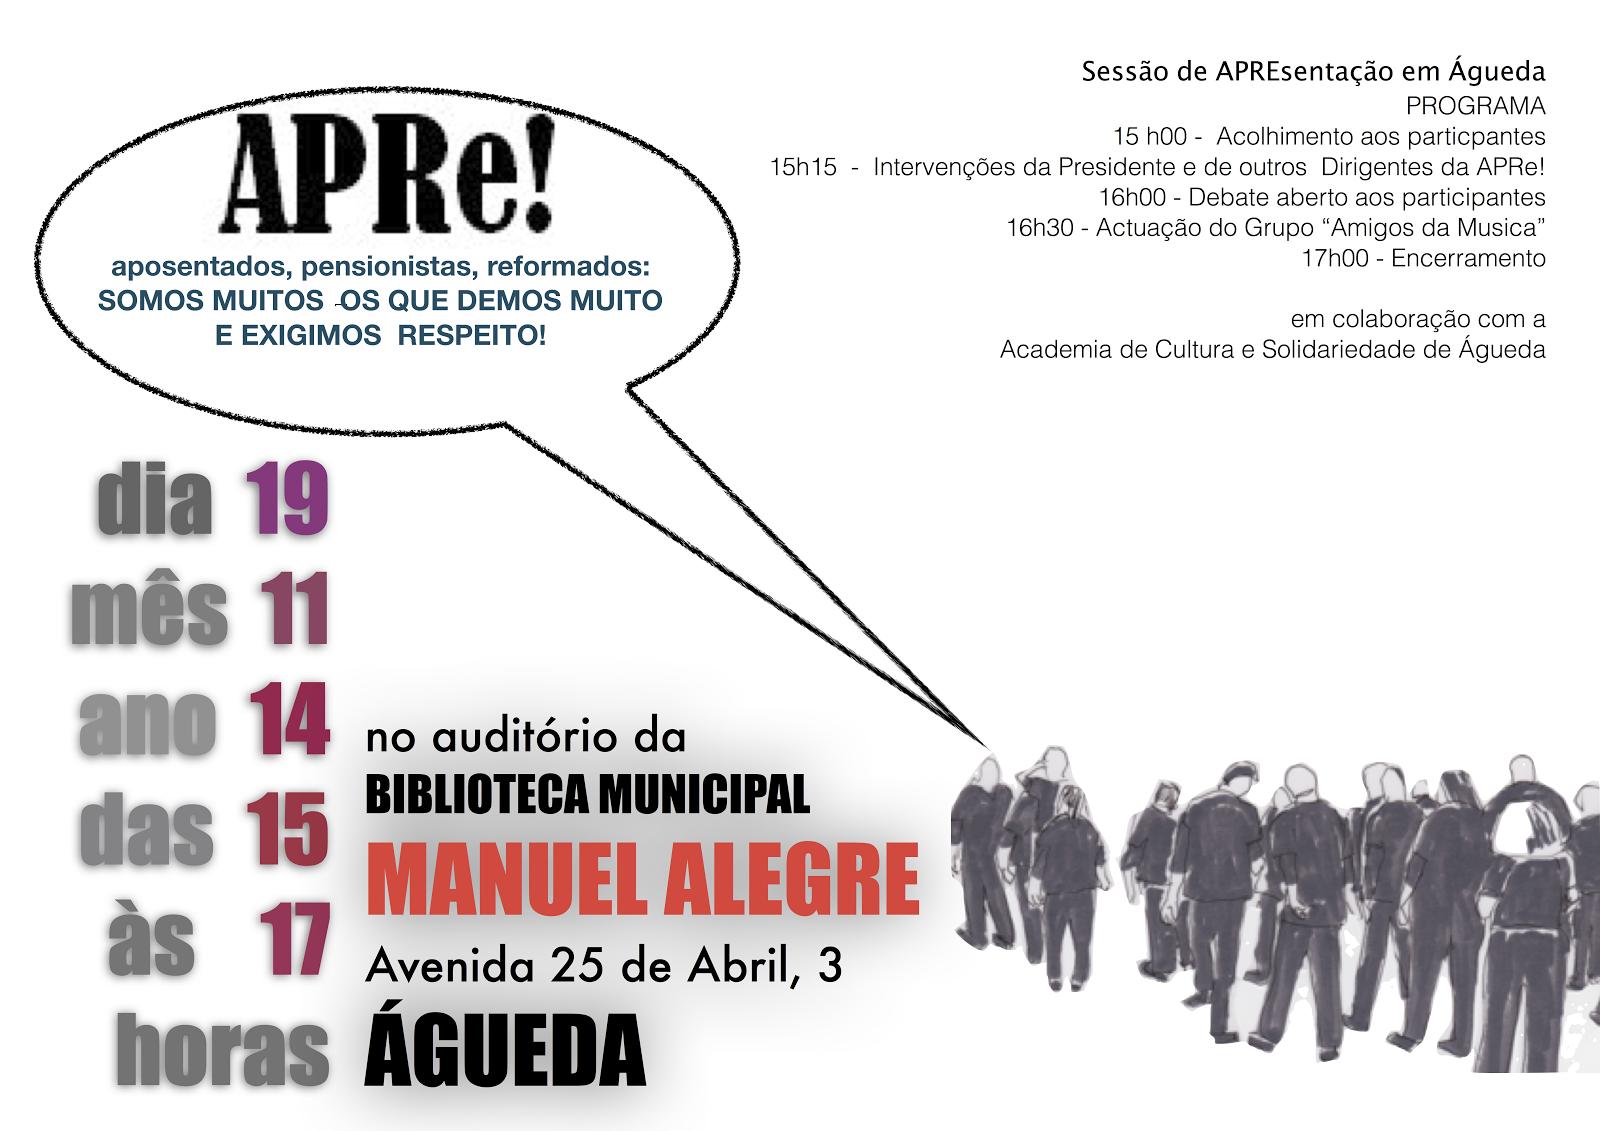 Águeda, reunião de divulgação APRe!